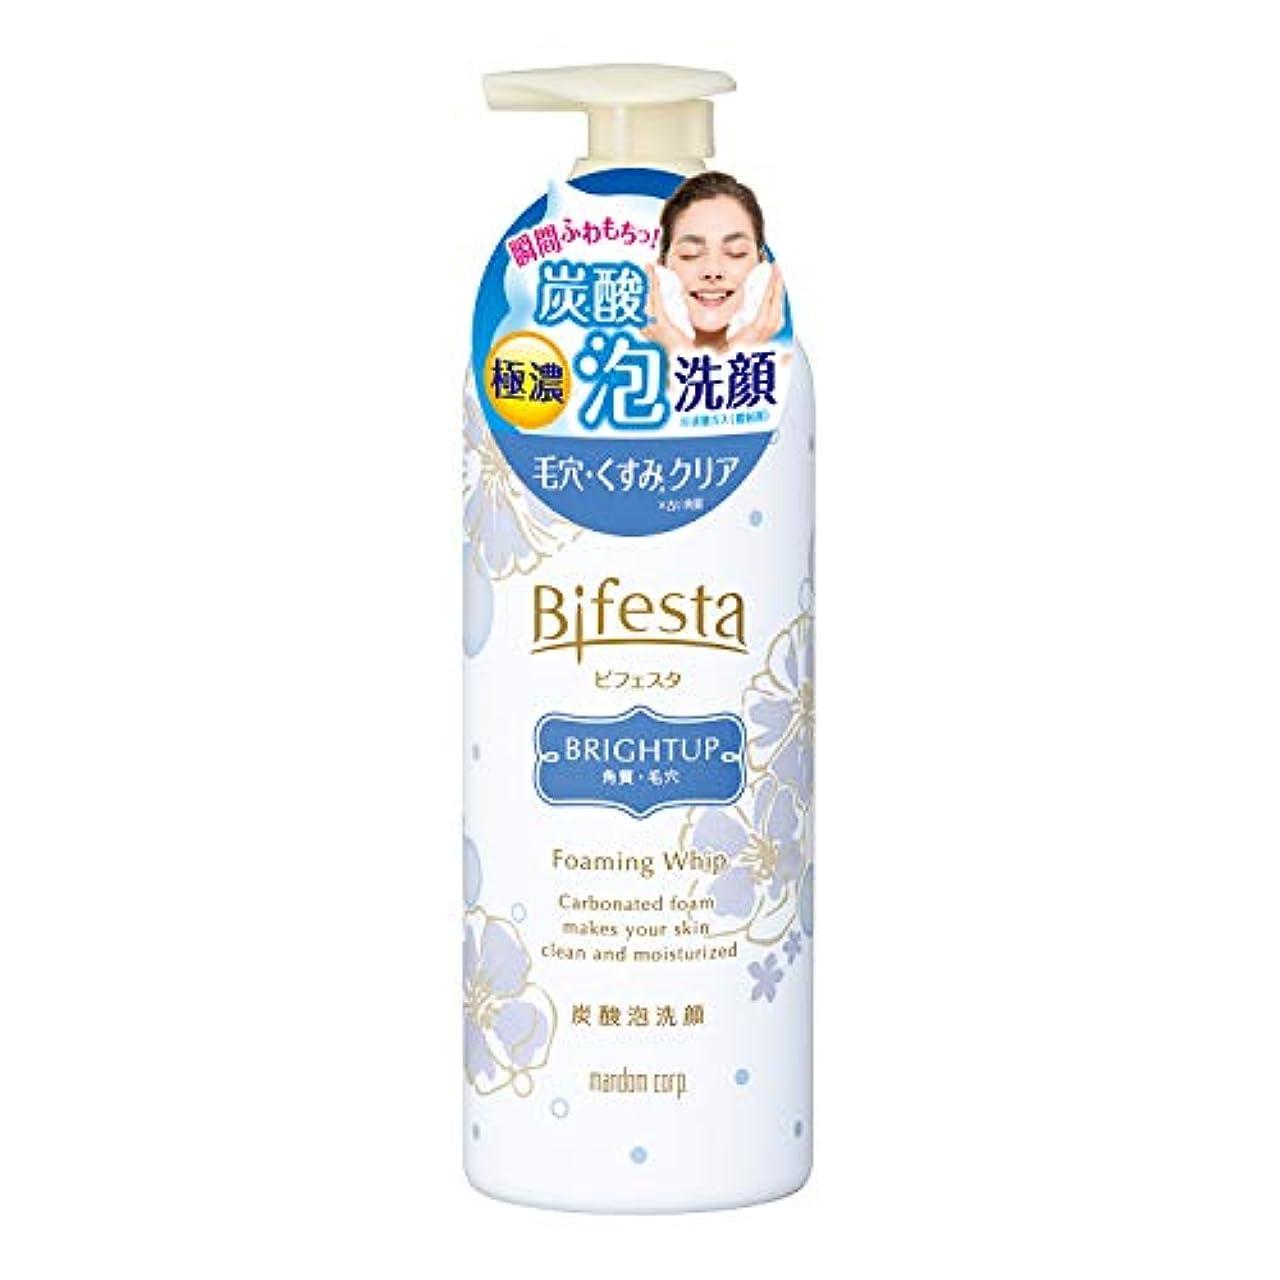 一般的に言えばコジオスコ数字ビフェスタ 泡洗顔 ブライトアップ 180g